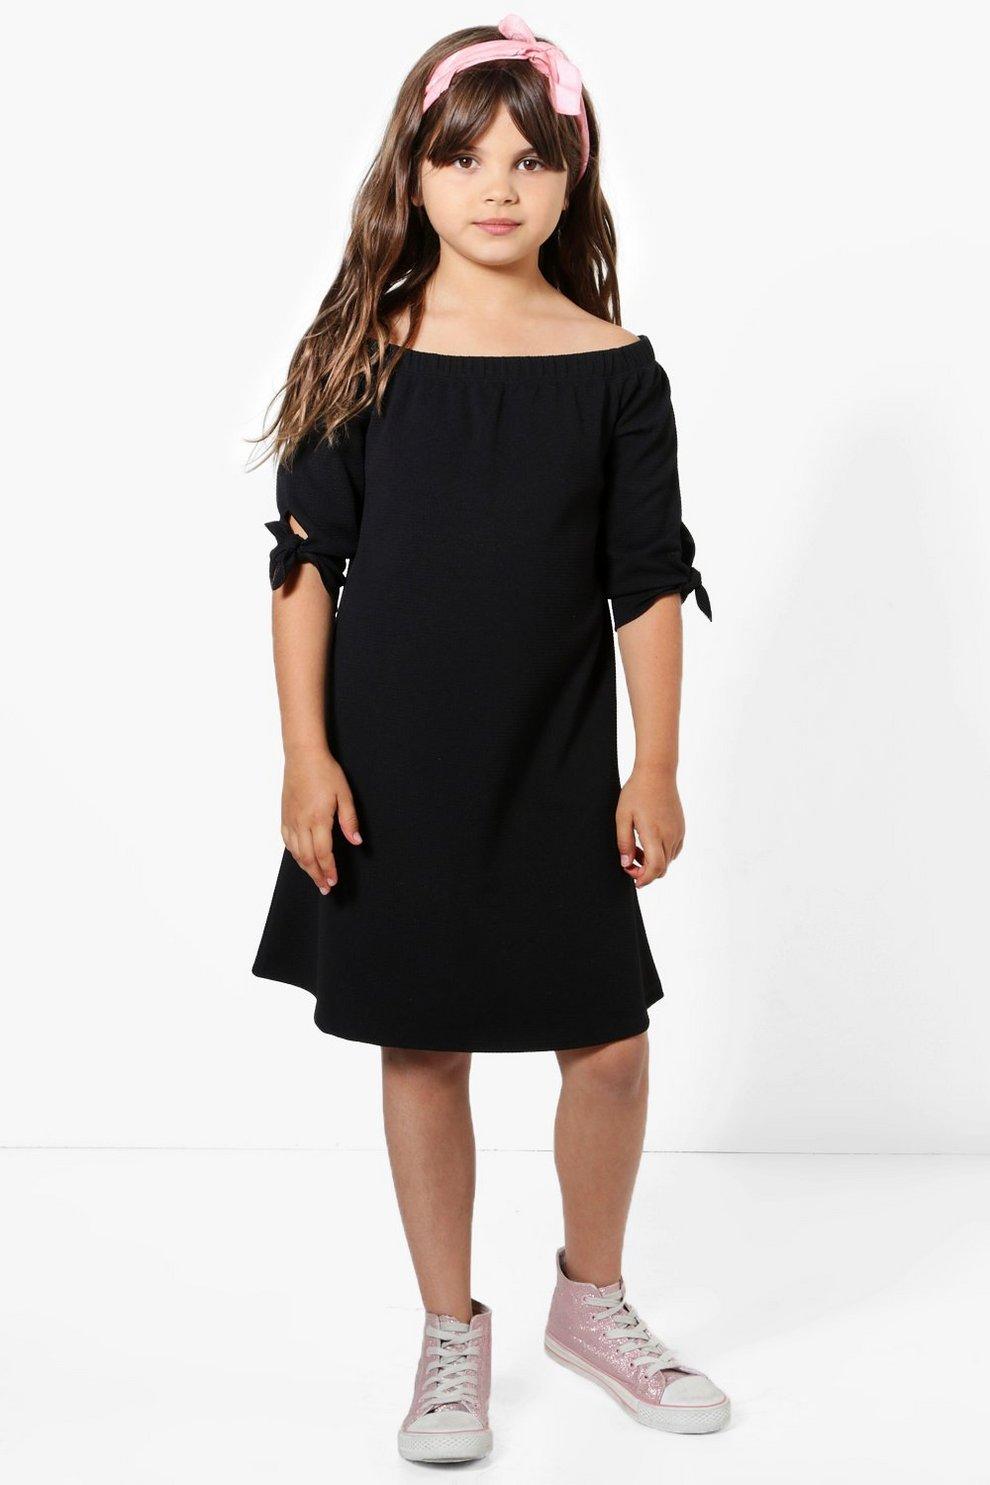 Schwarzes kleid was fur eine strumpfhose